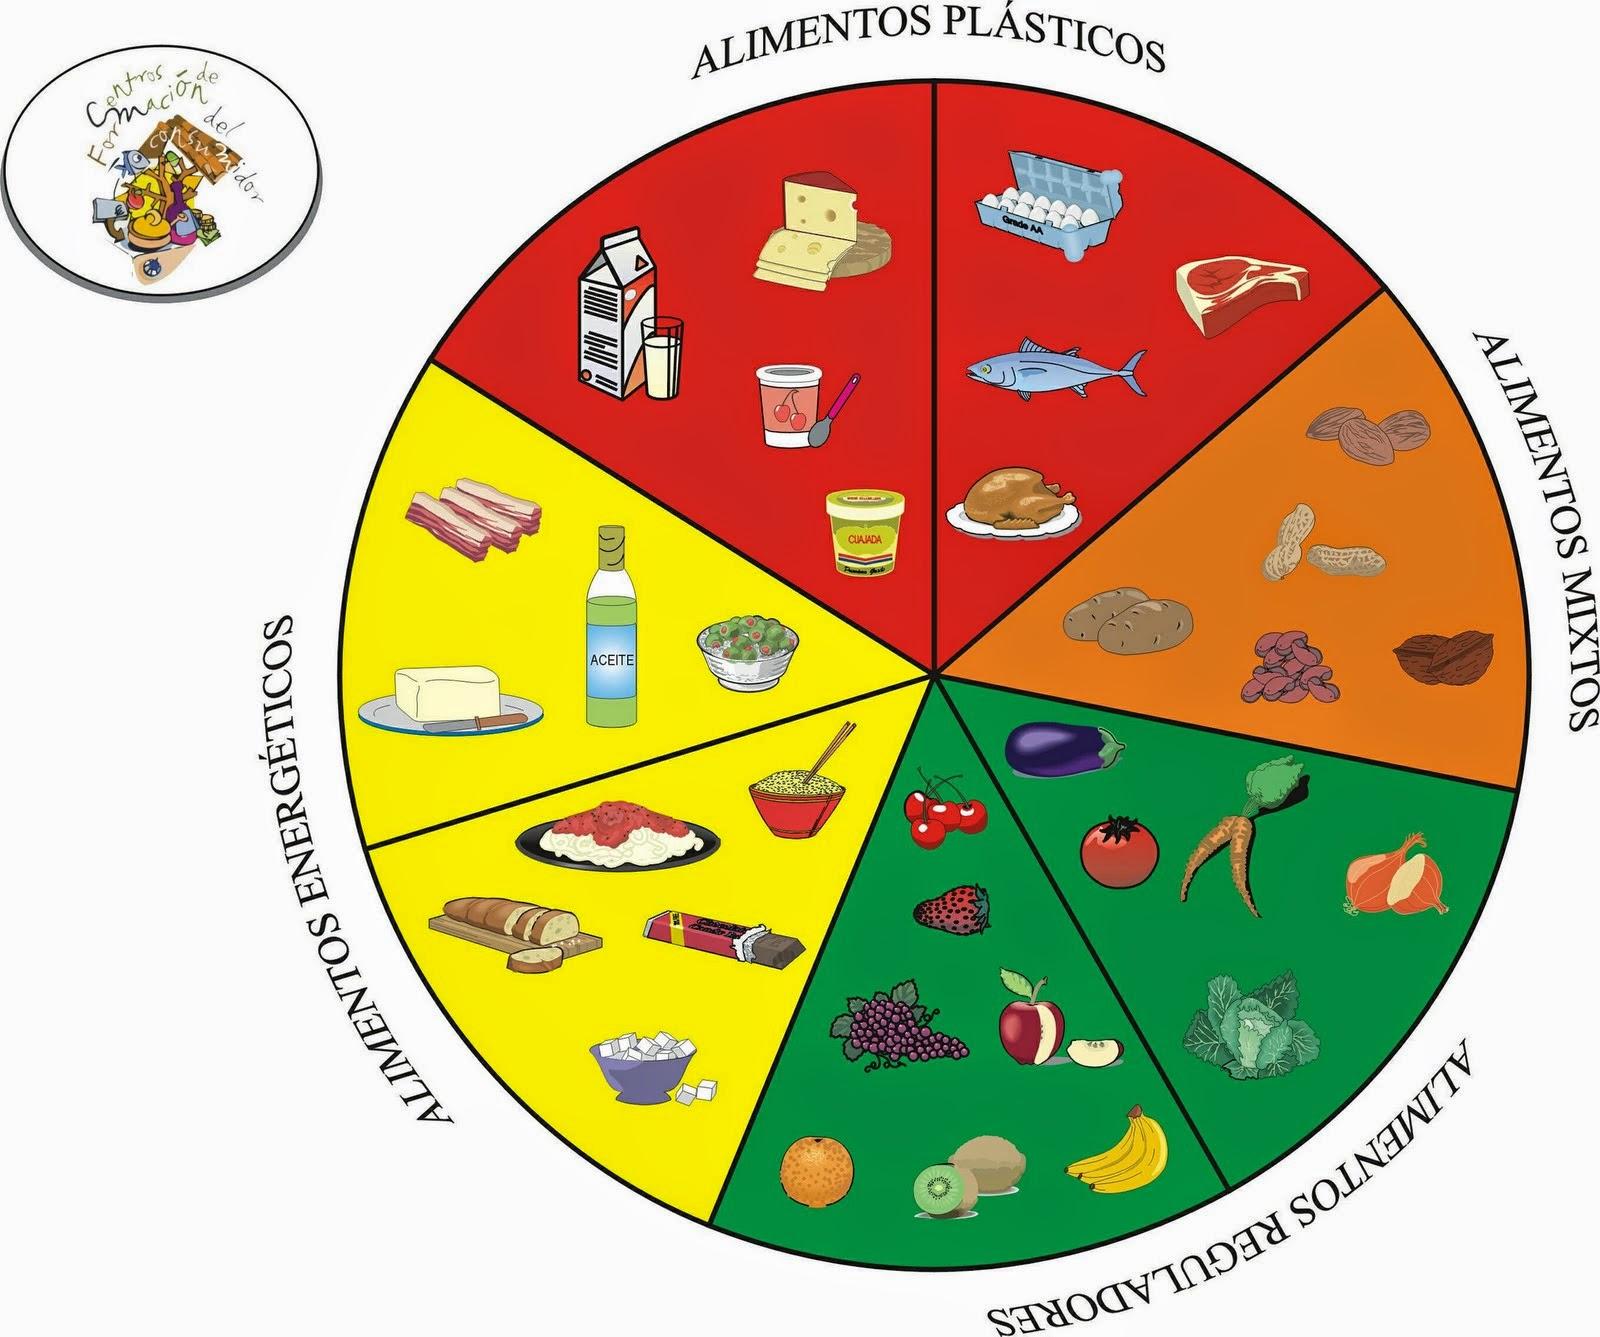 imagenes de la ruleta alimenticia